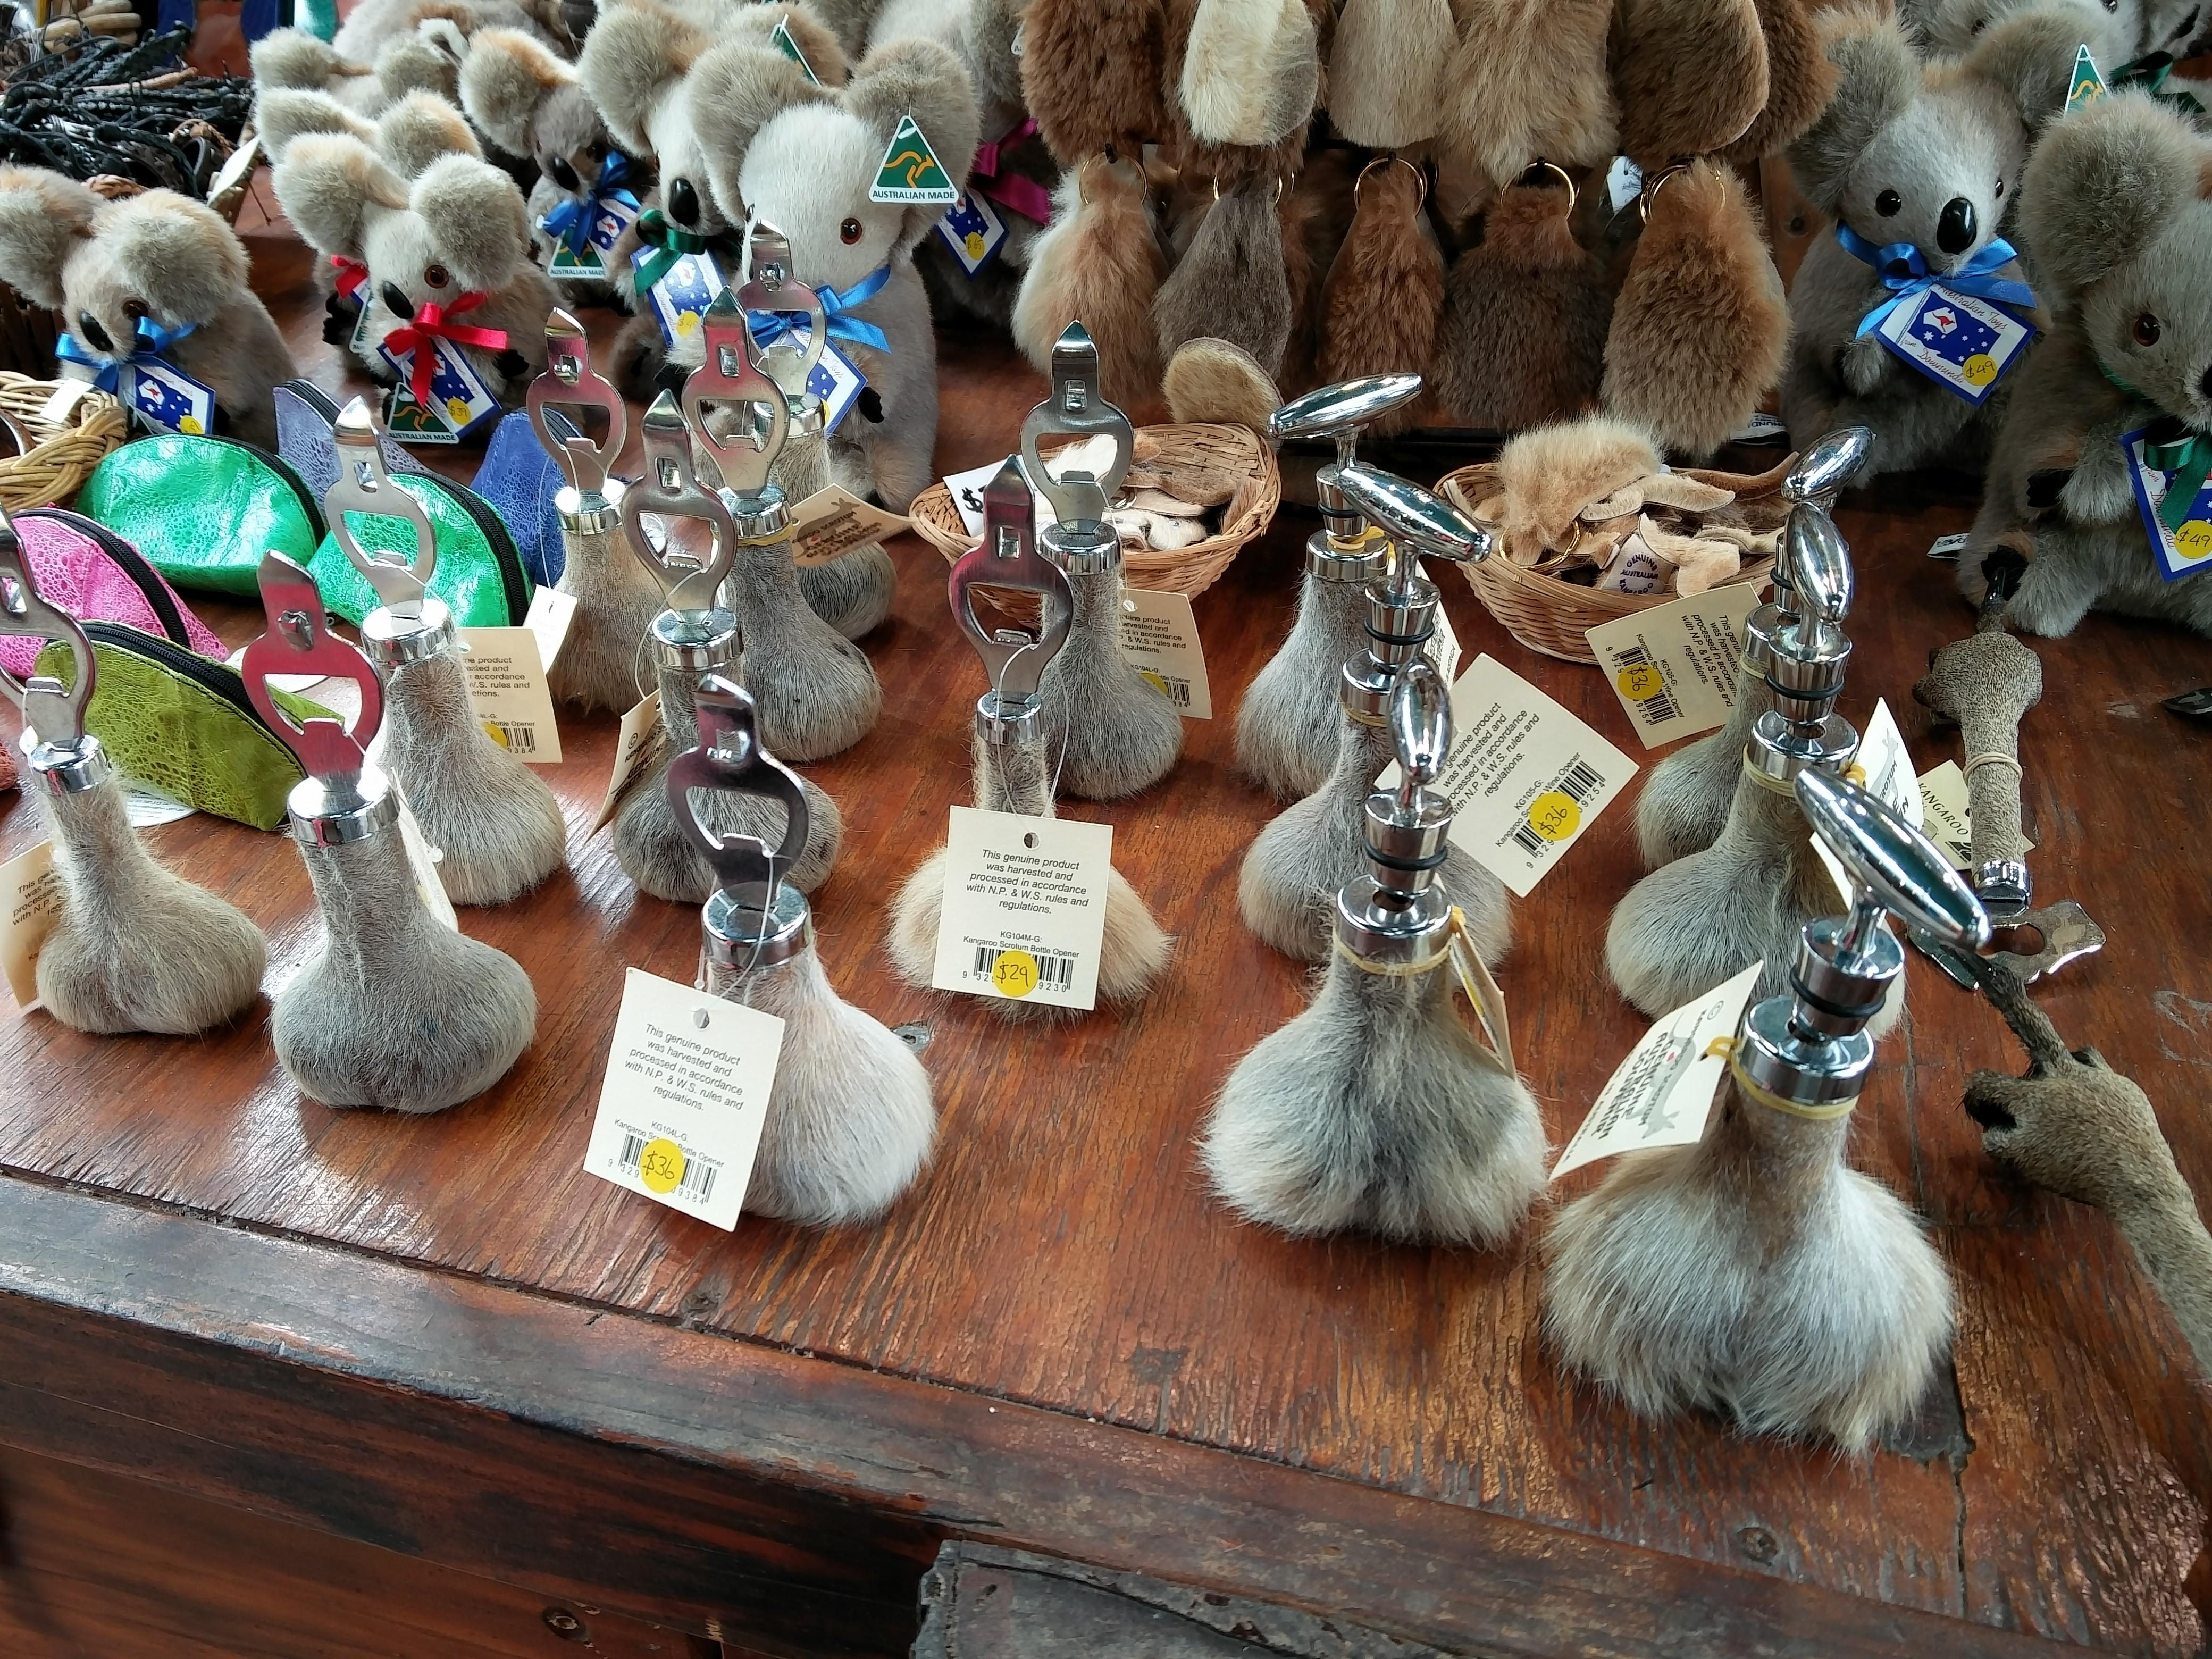 bottle openers mounted on kangaroo scrotums